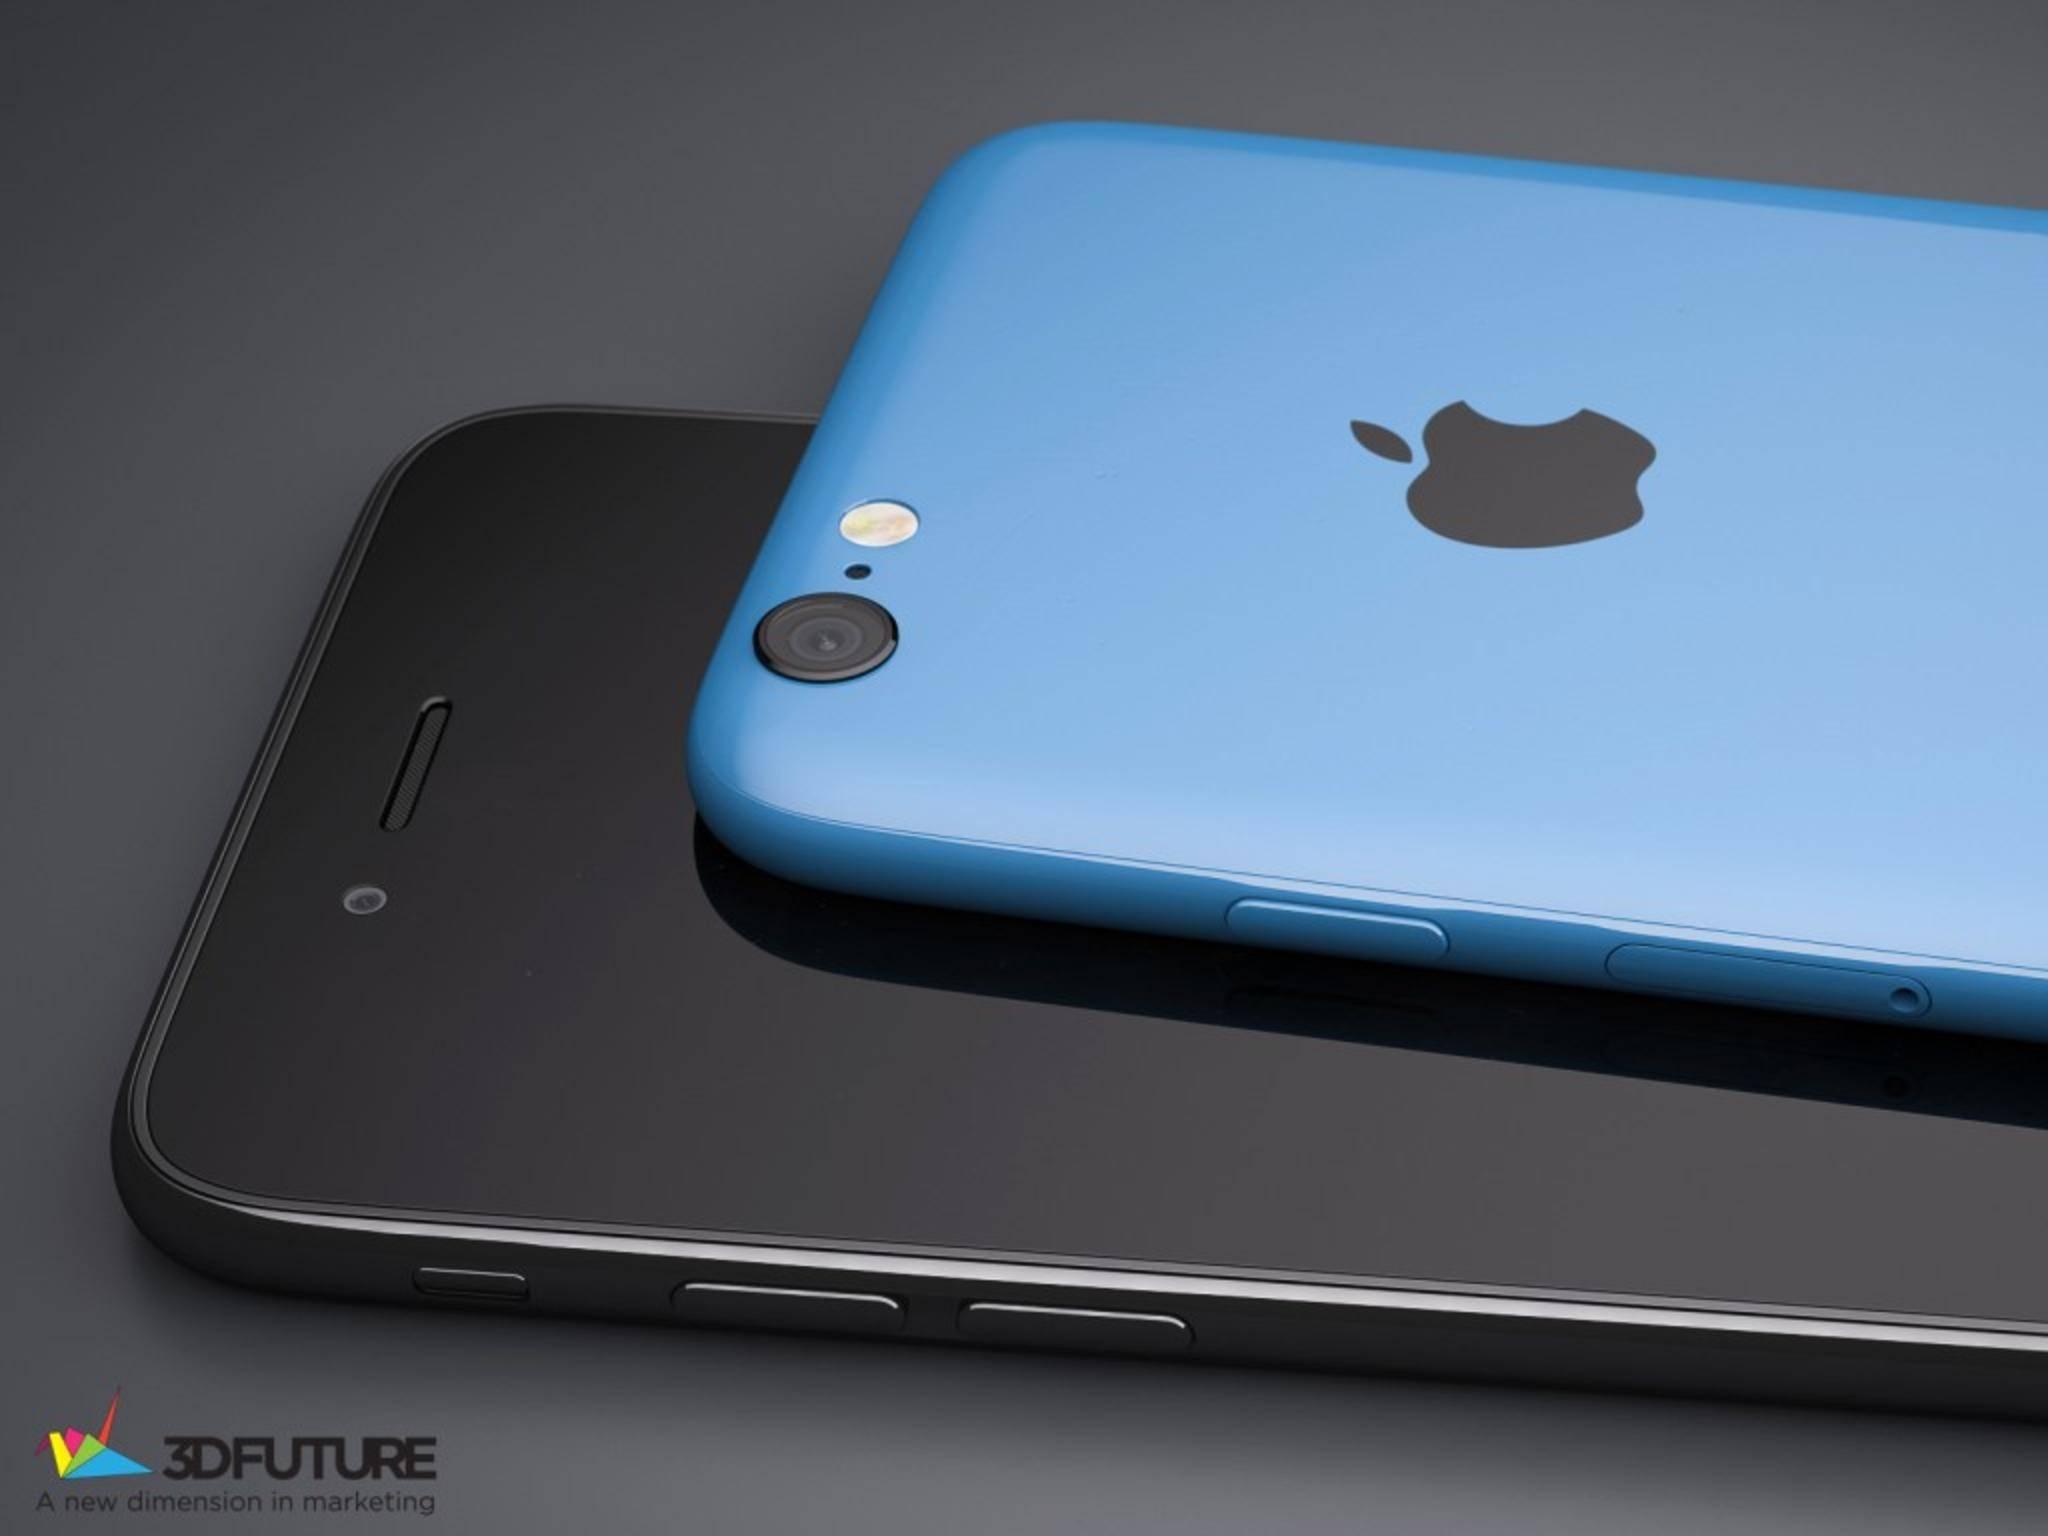 Das iPhone 6s könnte auch eine farbige Version bekommen.